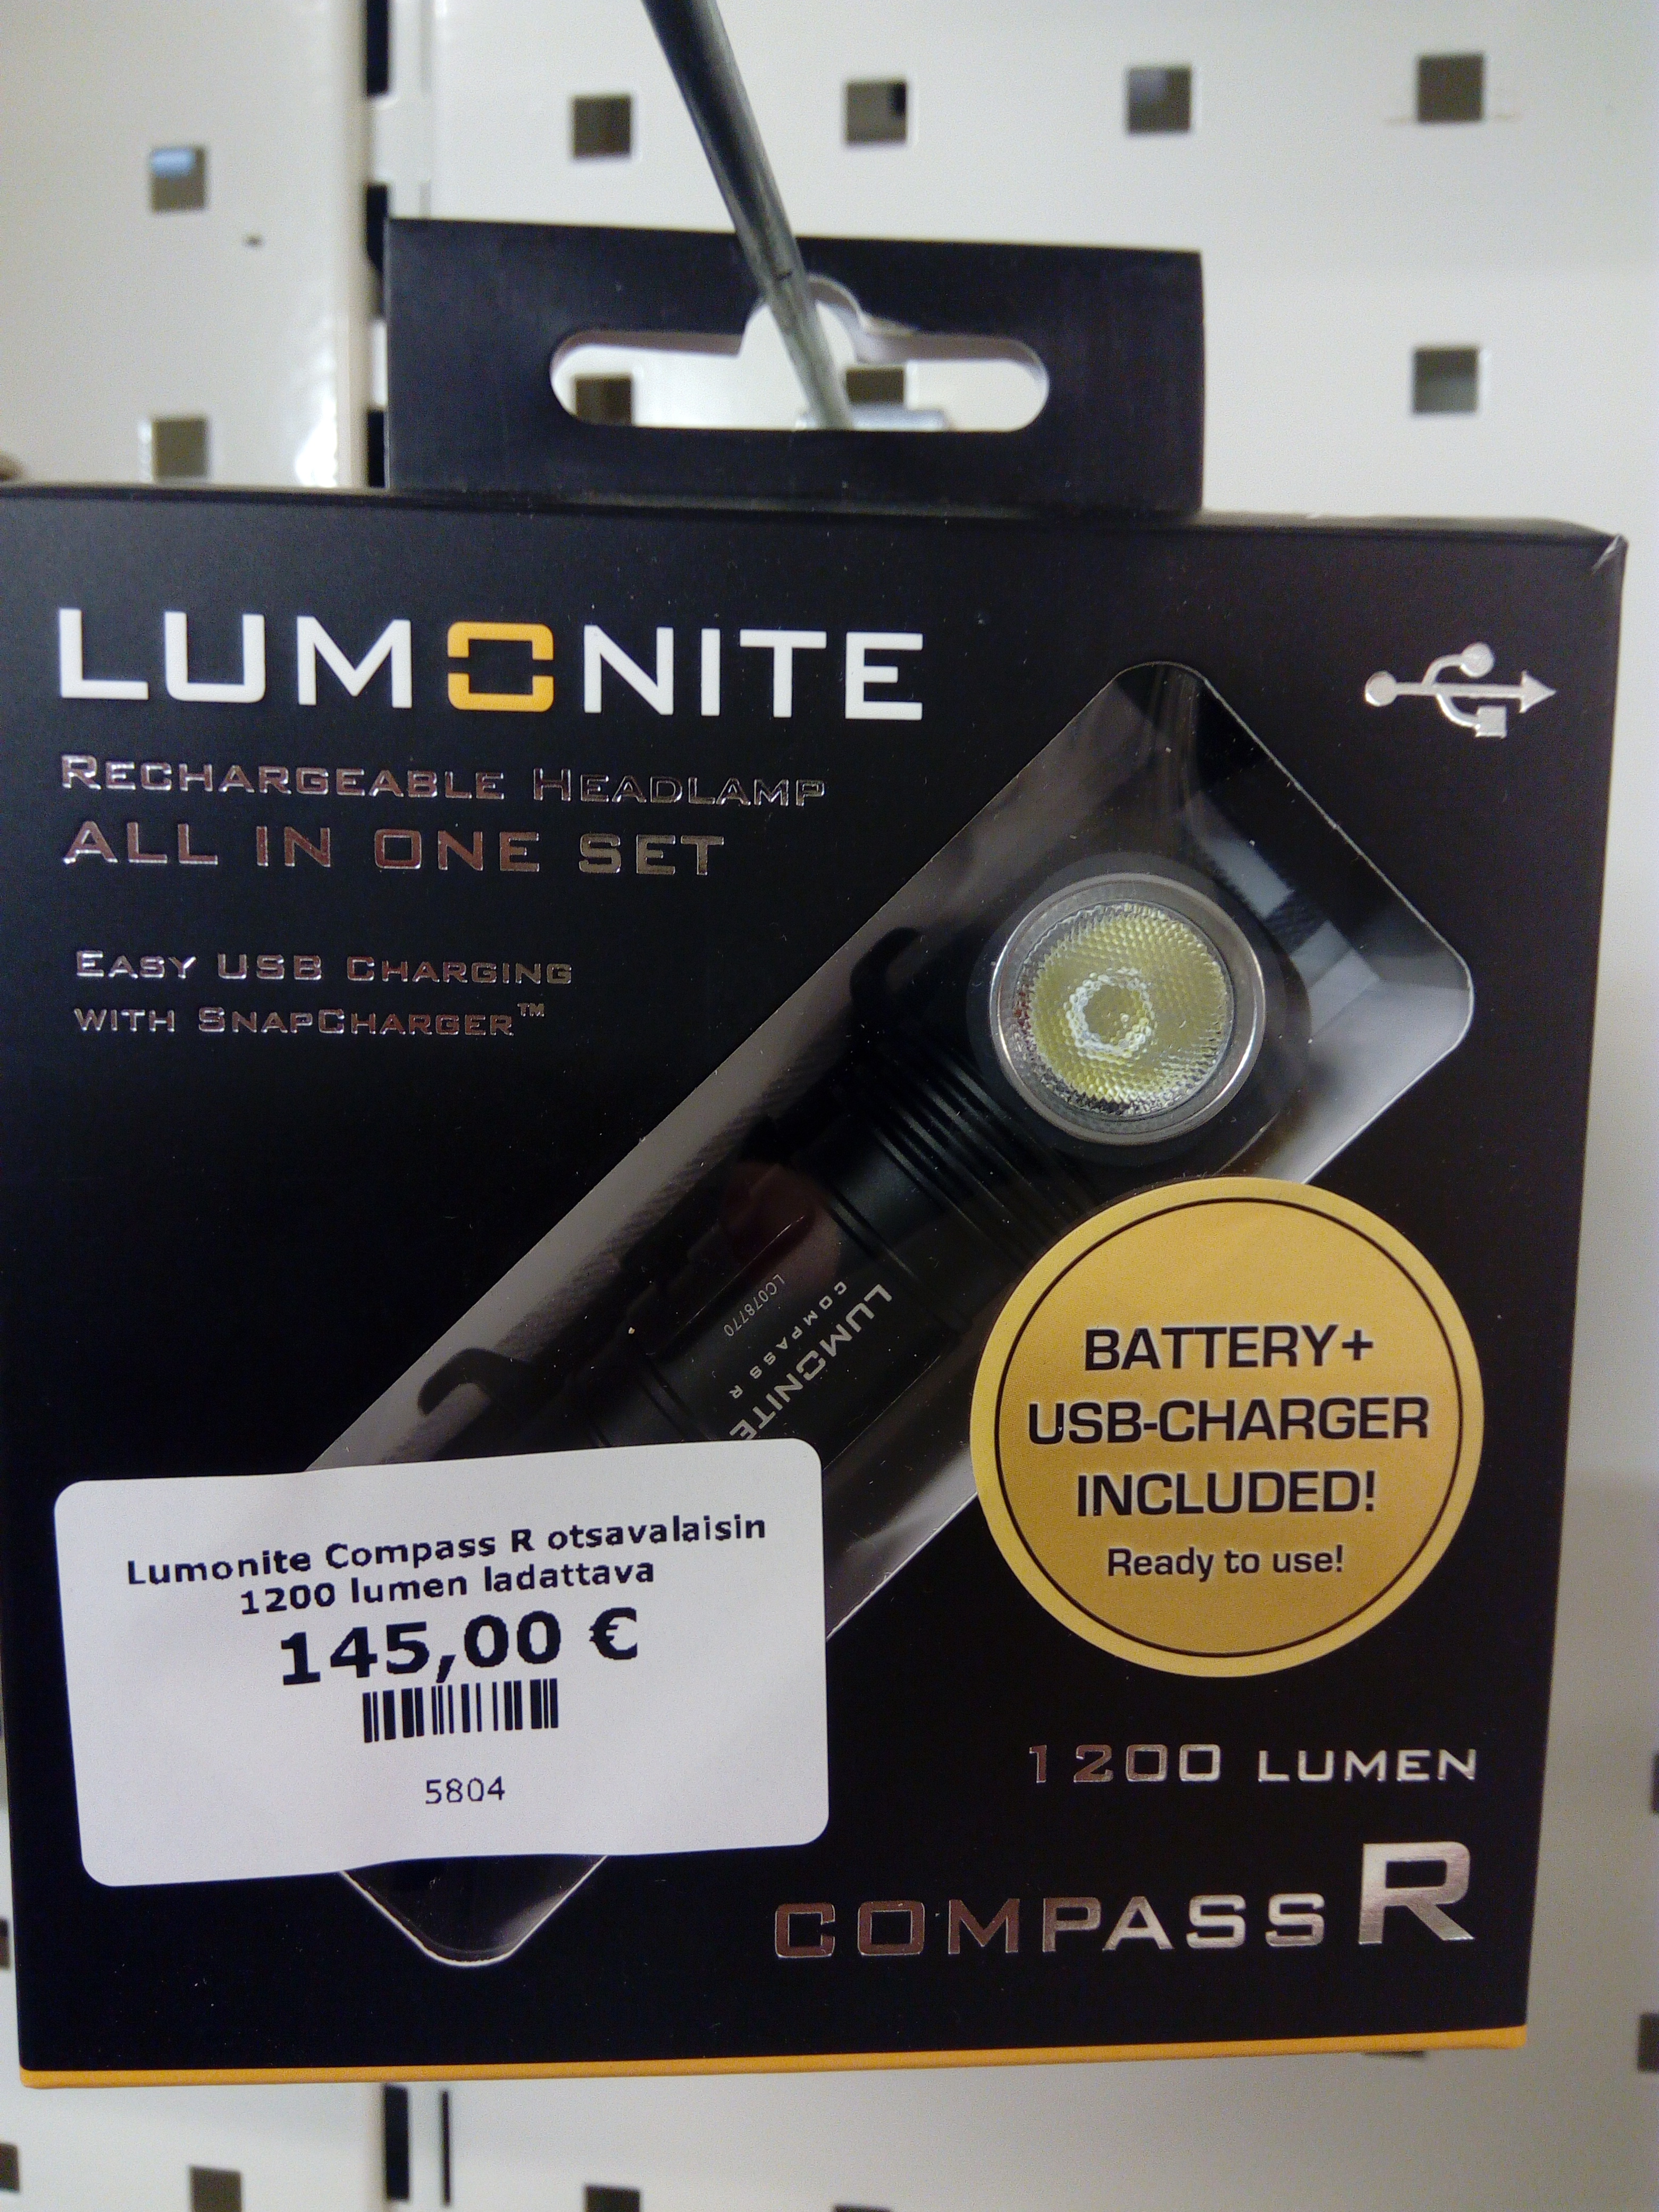 Lumonite Compass R otsavalaisin 1200 lumen ladattava